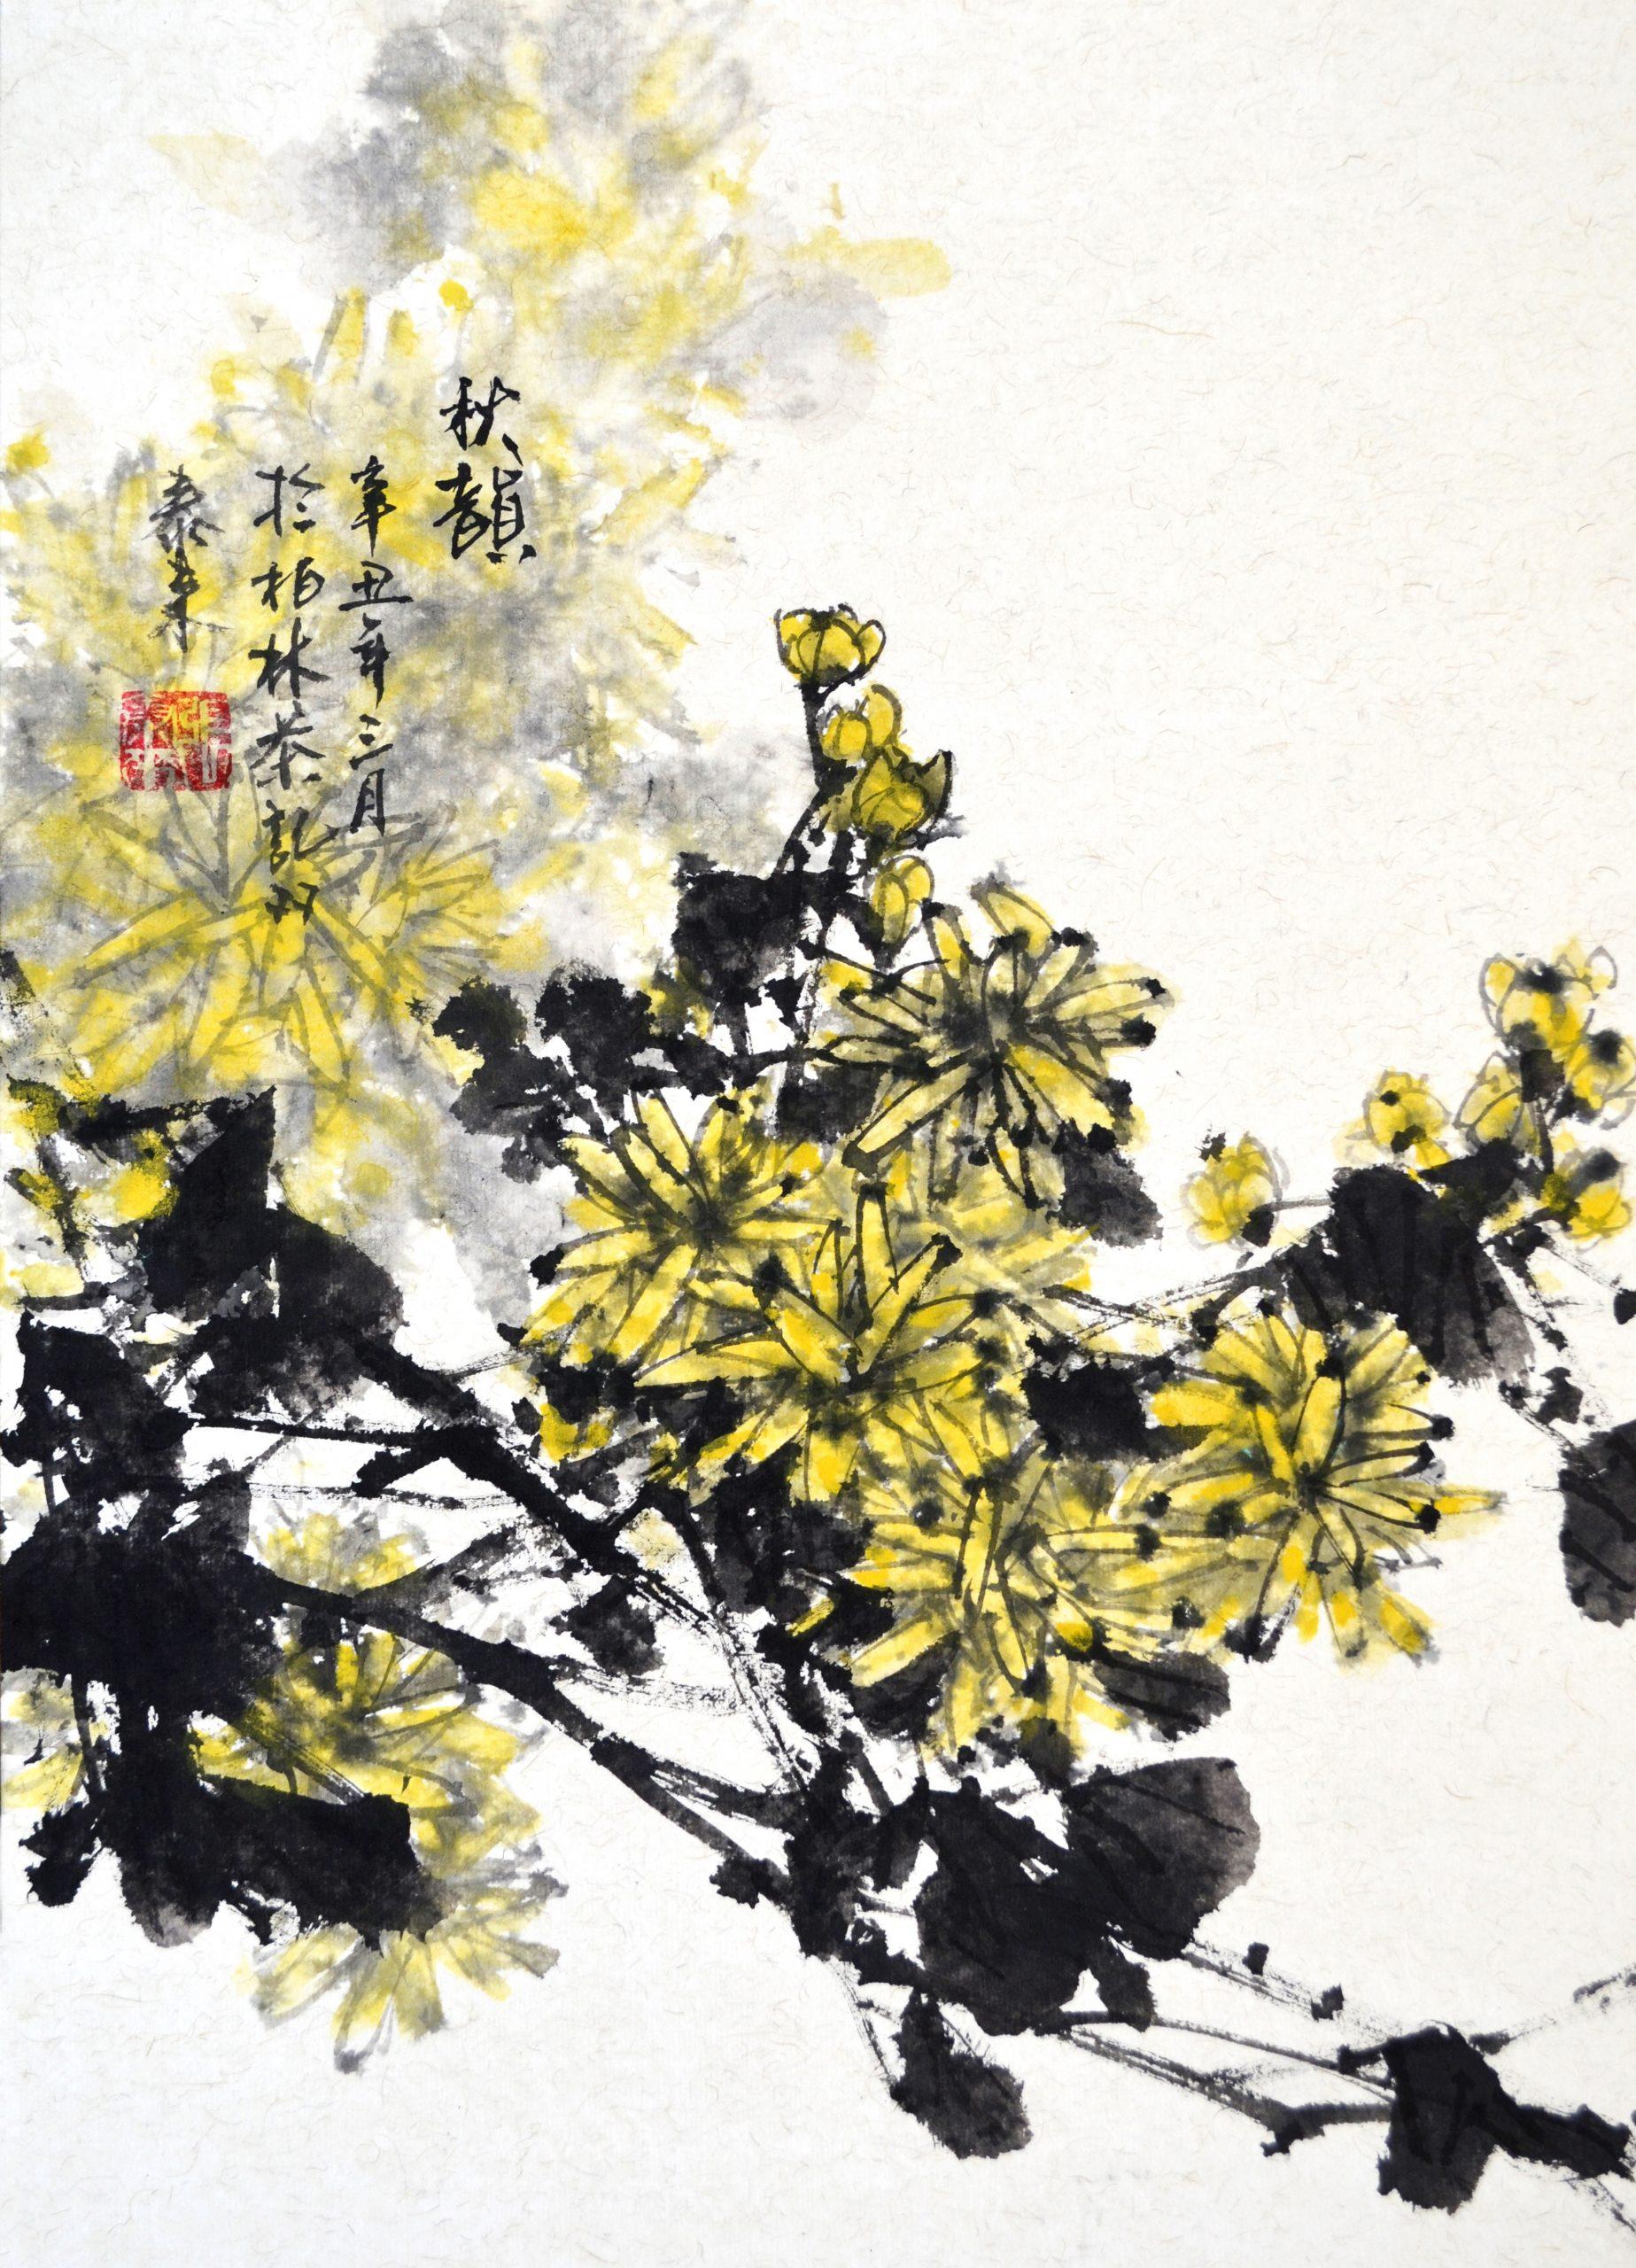 daisy bird Chrysantheme Vogel chinese japanese ink sumie painting chinesische japanische Tusche Zeichnung Malerei